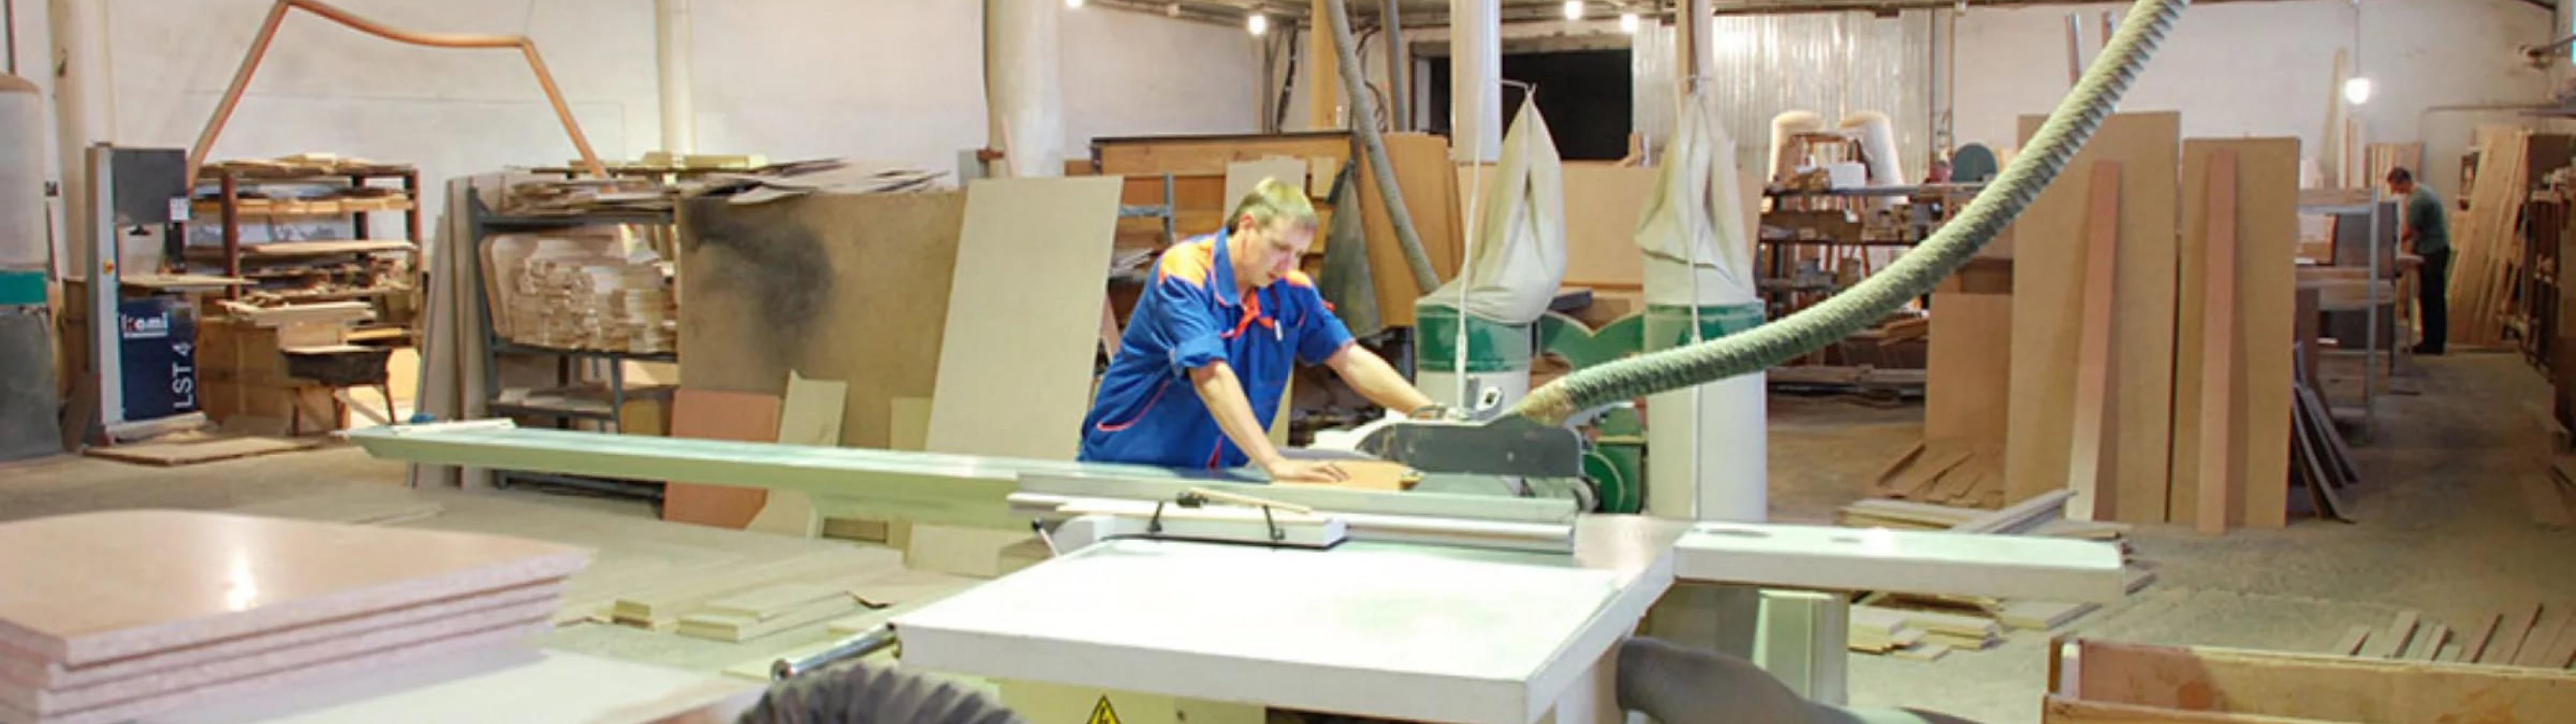 Производство декоративной мебели и деталей интерьера